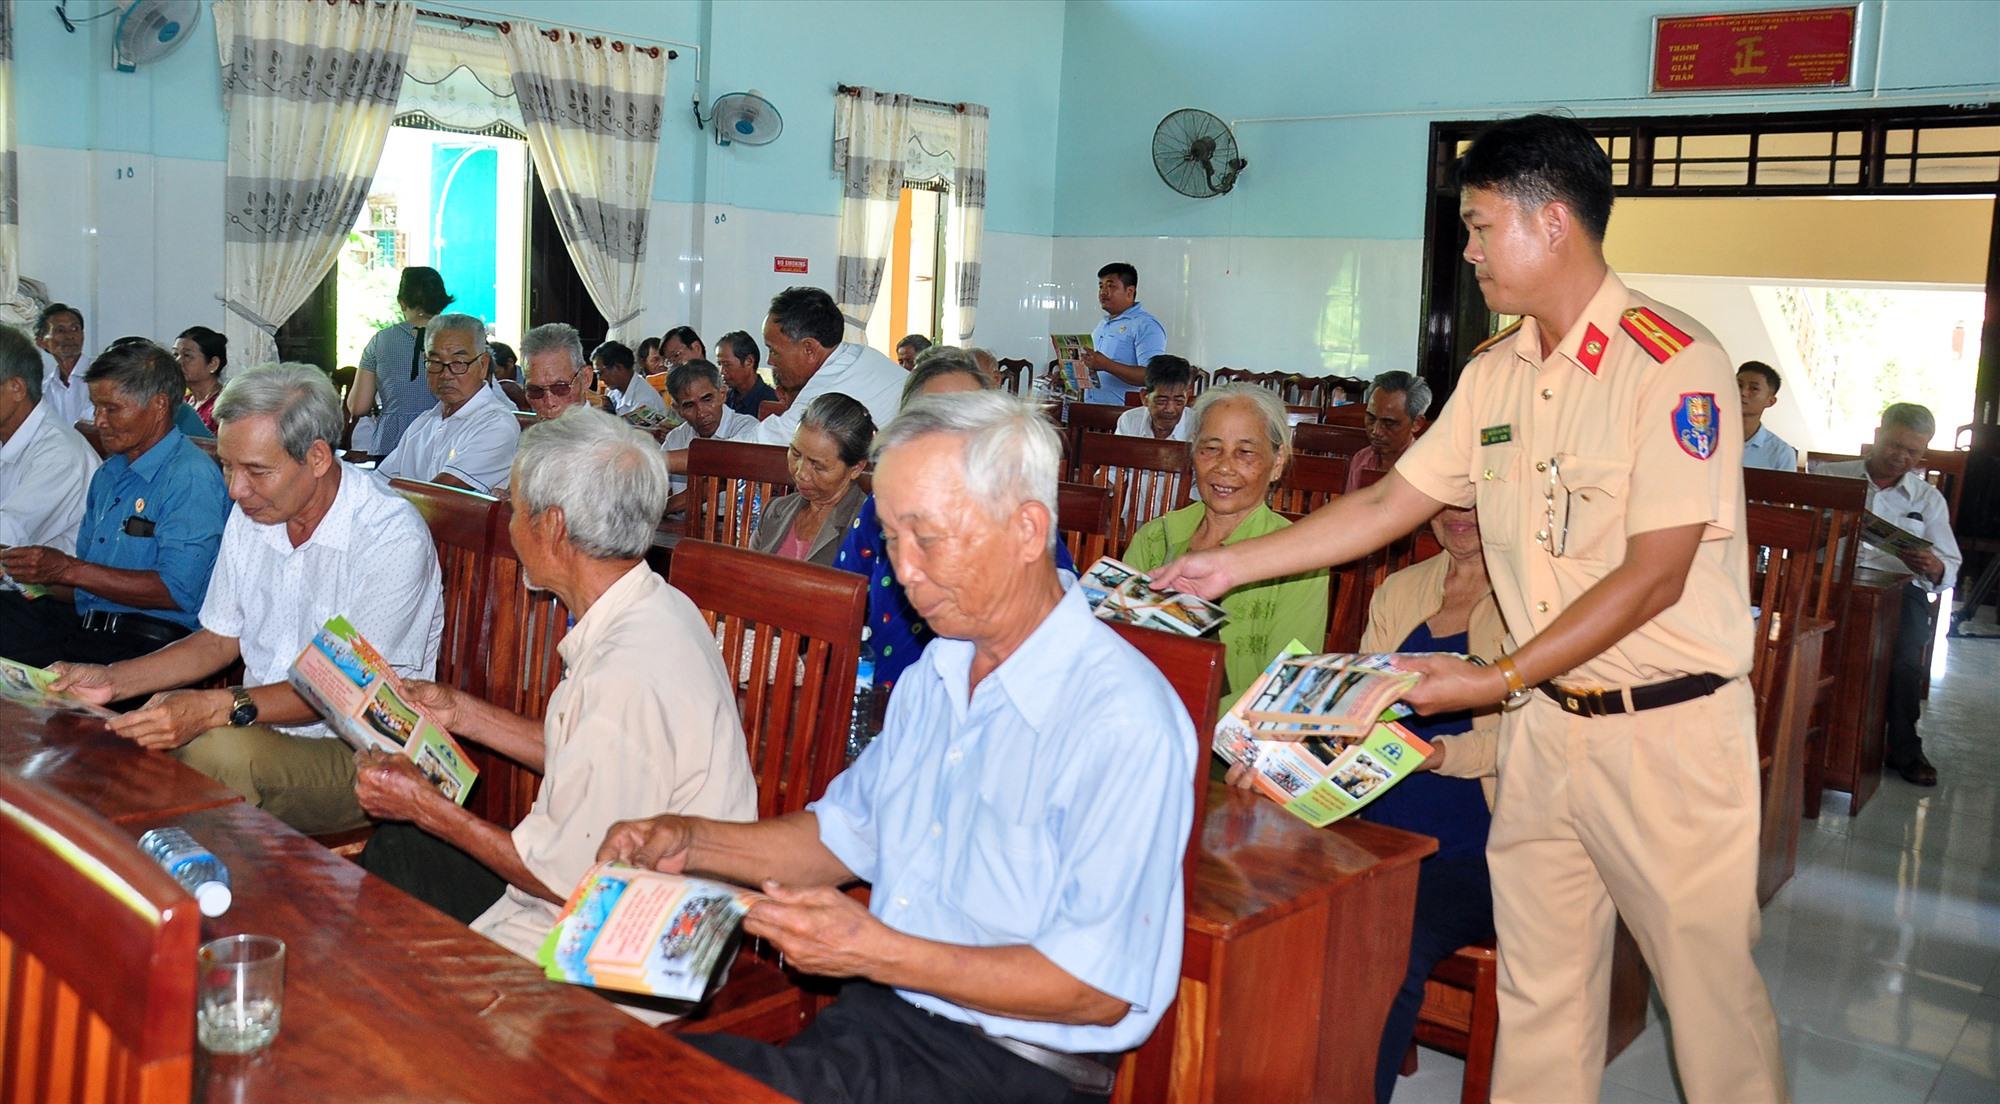 Thiếu tá Nguyễn Đình Thắng, báo cáo viên Phòng Cảnh sát đường thủy phát tờ rơi tuyên truyền pháp luật an toàn giao thông đường thủy đến cựu chiến binh xã Đại Cường. Ảnh: VINH ANH